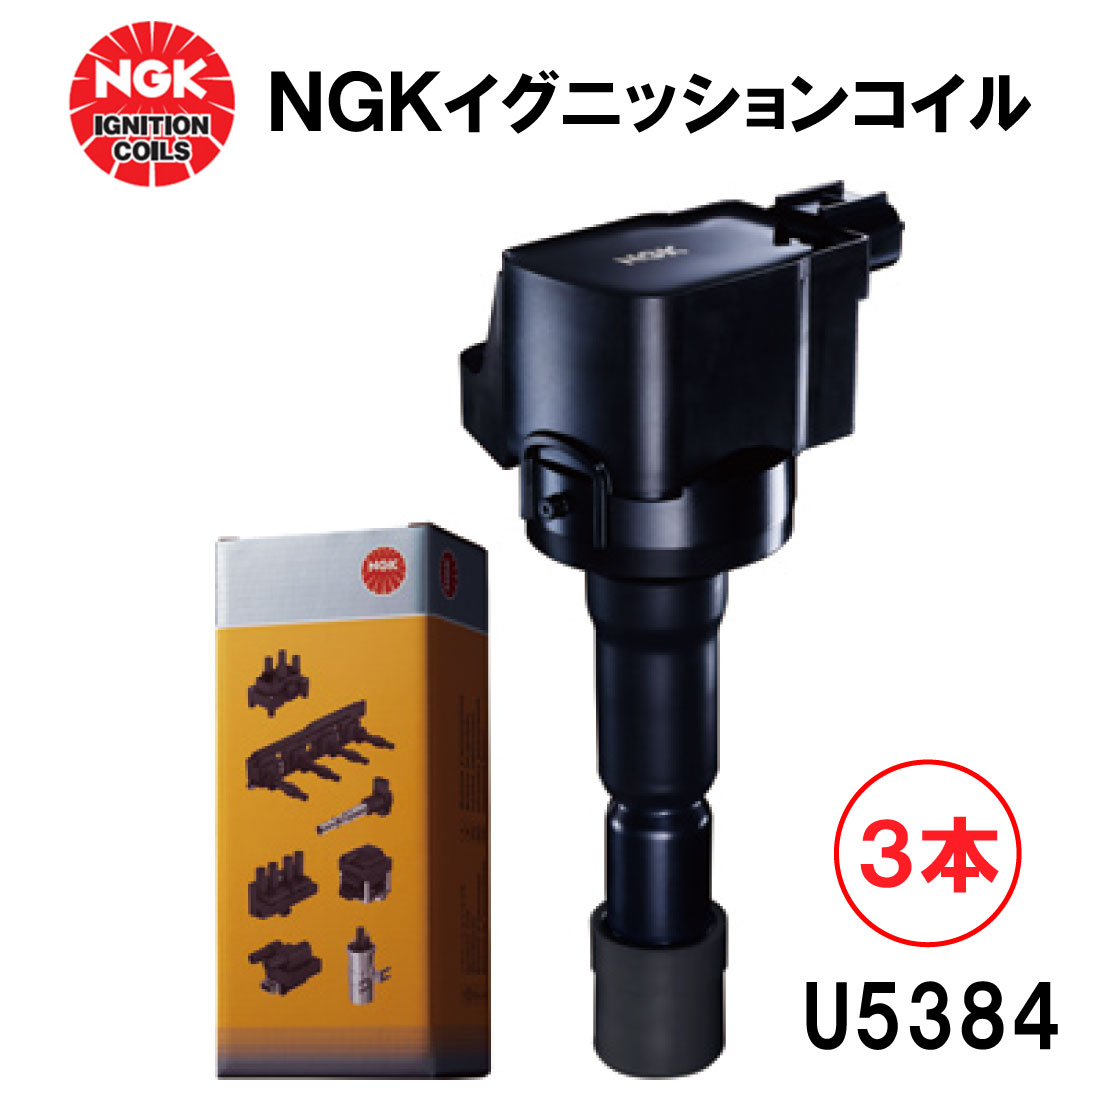 NGK イグニッションコイル U5384 3本セット 49154 純正部品番号 30520-RS8-004 ホンダ アクティ バモス バモスホビオ ゼスト ライフ